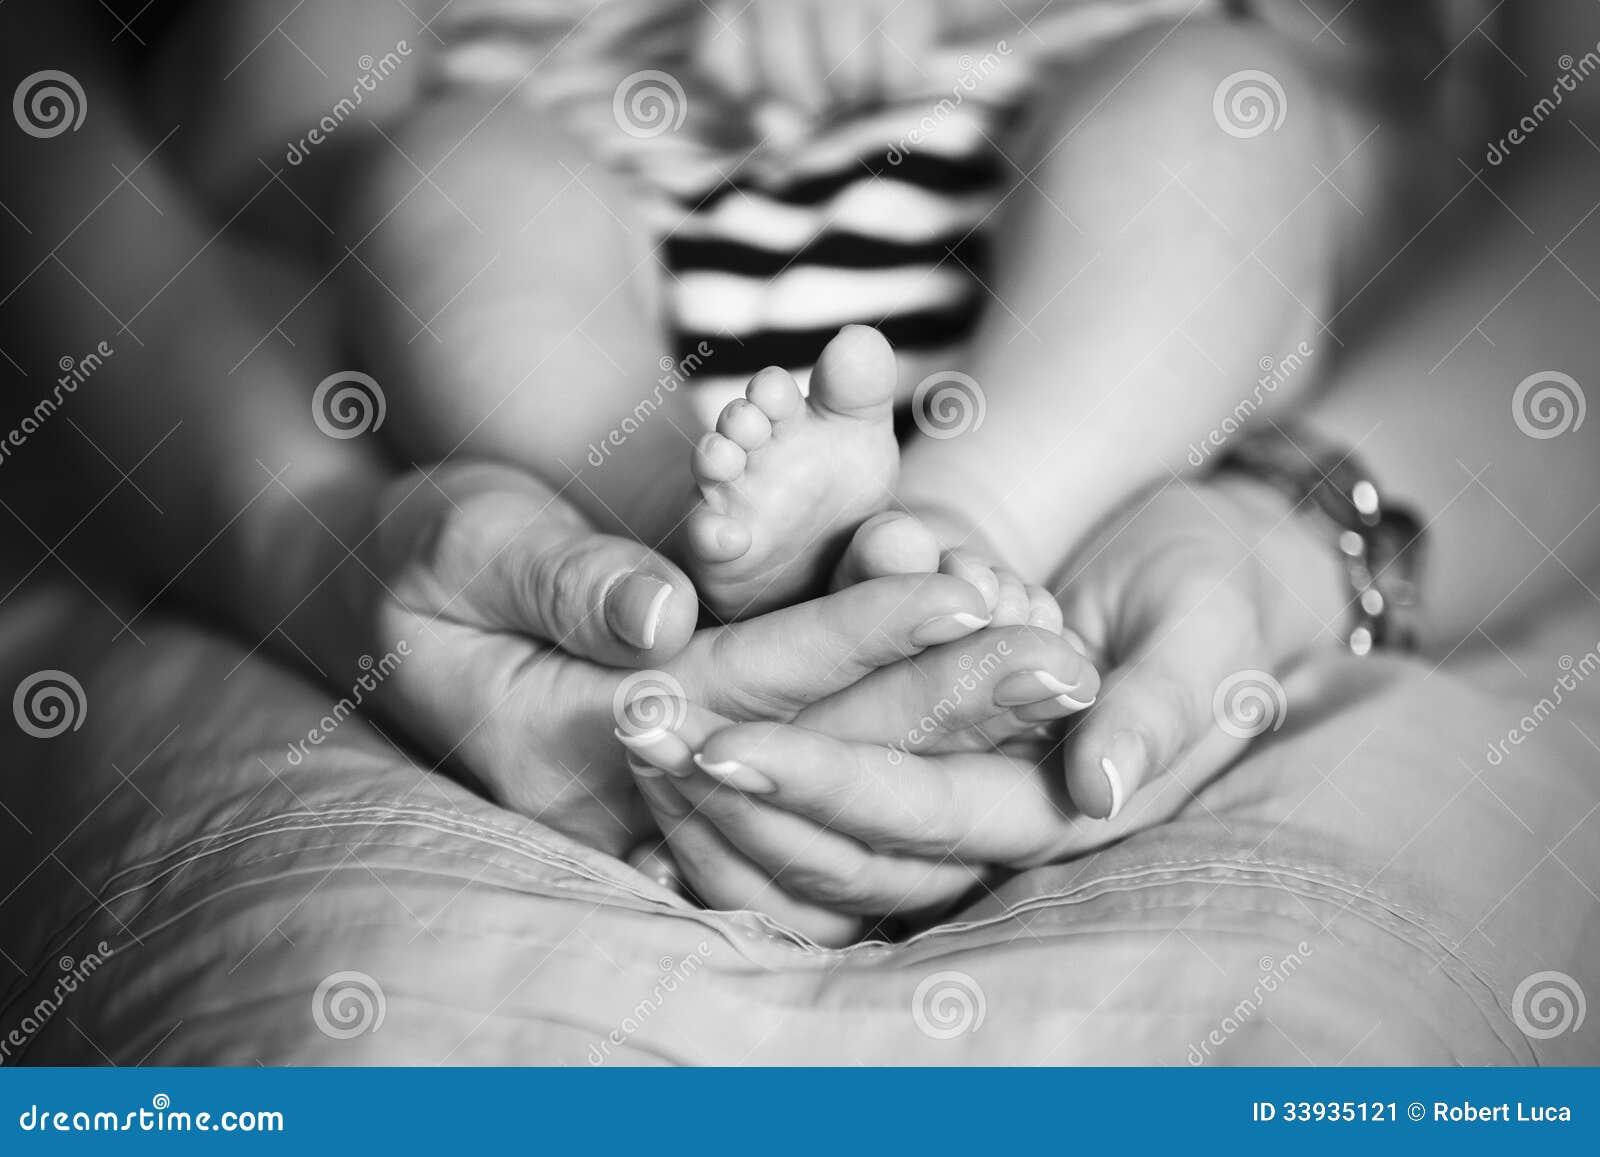 Matka trzyma dziecko cieki w rękach